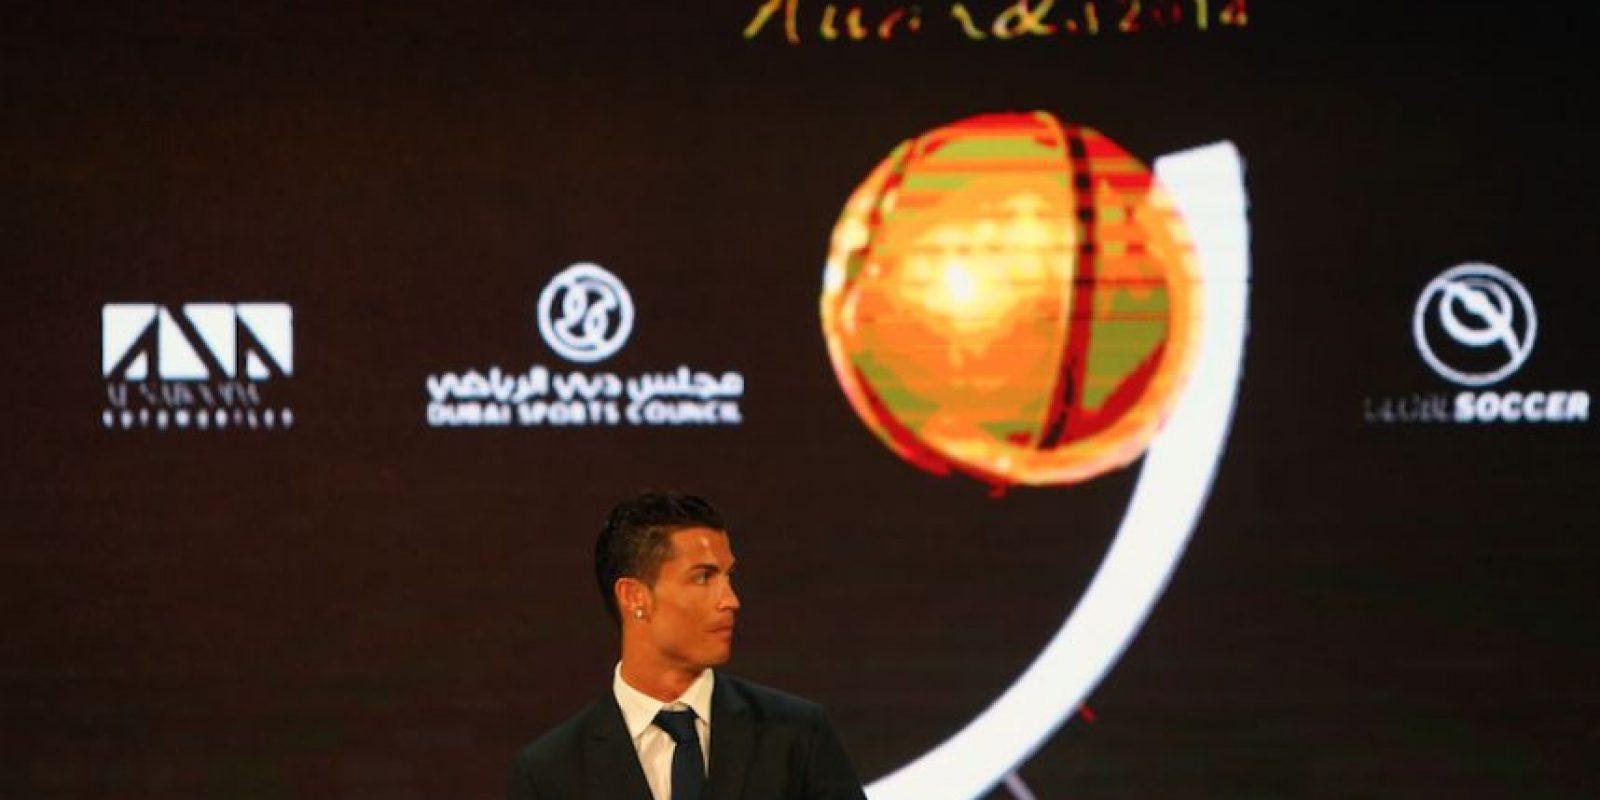 Dedicó el trofeo a compañeros del Real Madrid, el entrenador, al presidente del club y a quienes votaron por él. Foto:AFP